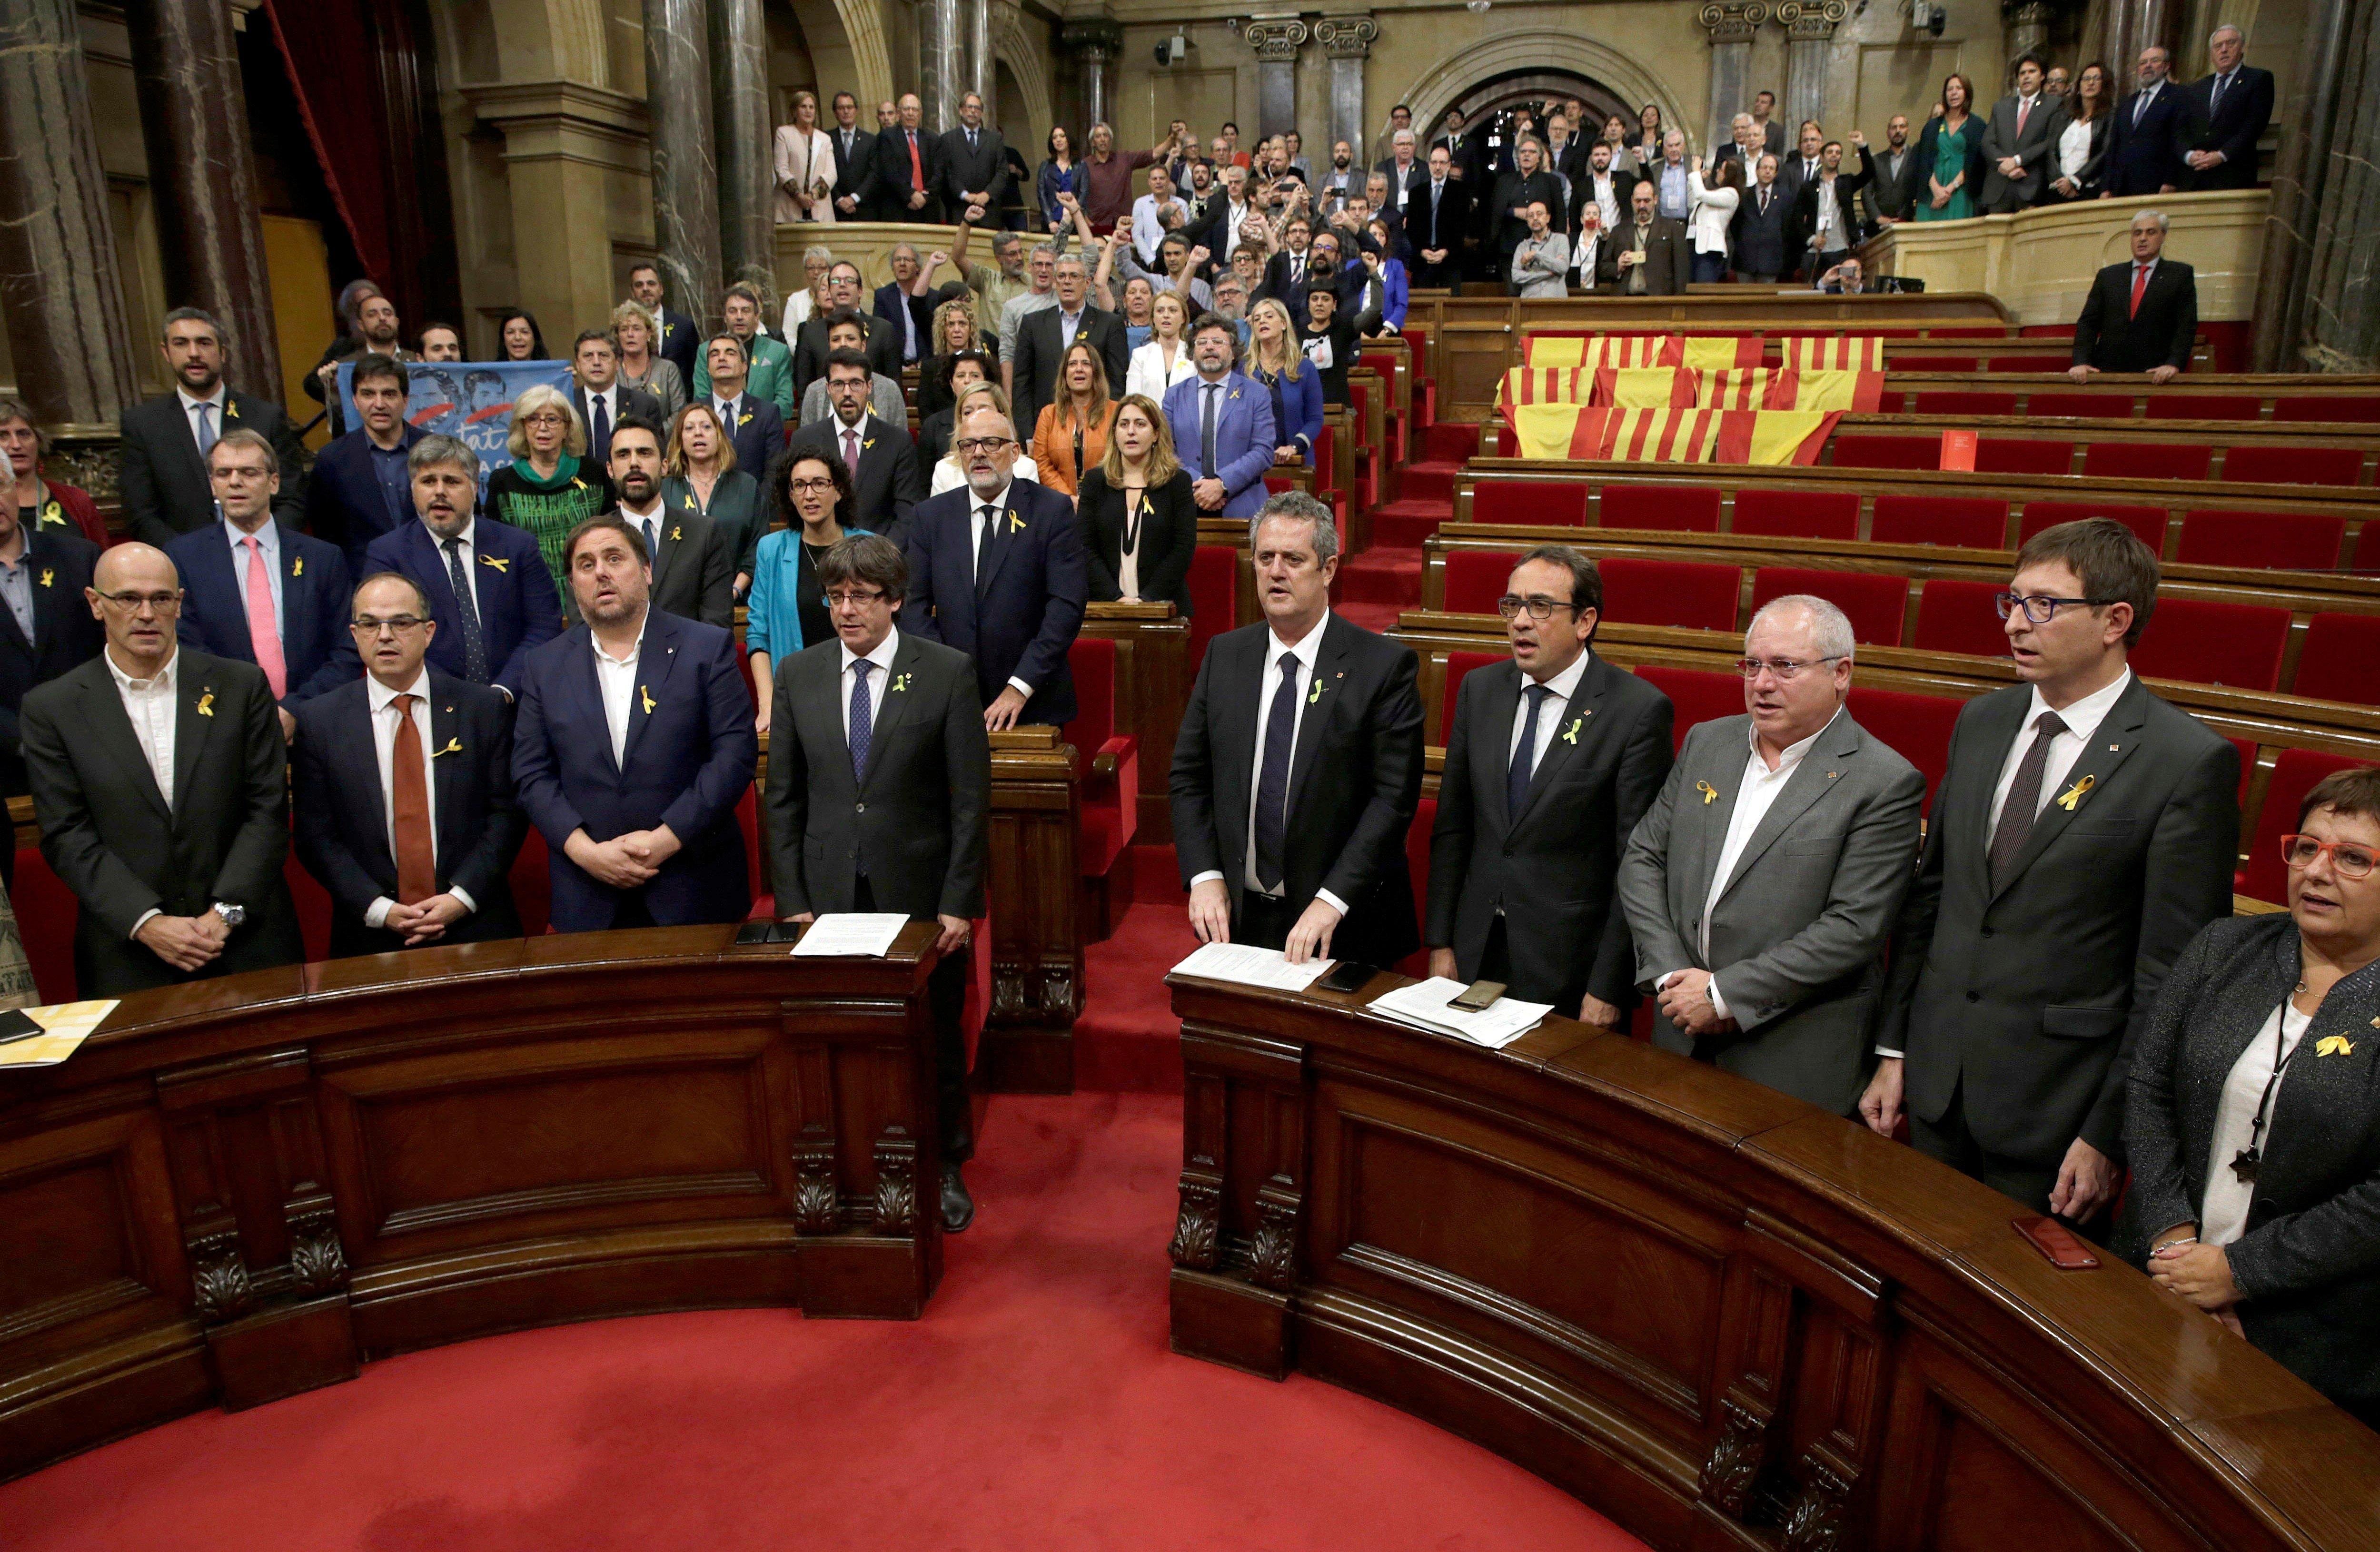 El ple del Parlament, sense els grups del PPC, PSC i C's, entona l'himne català. /EFE